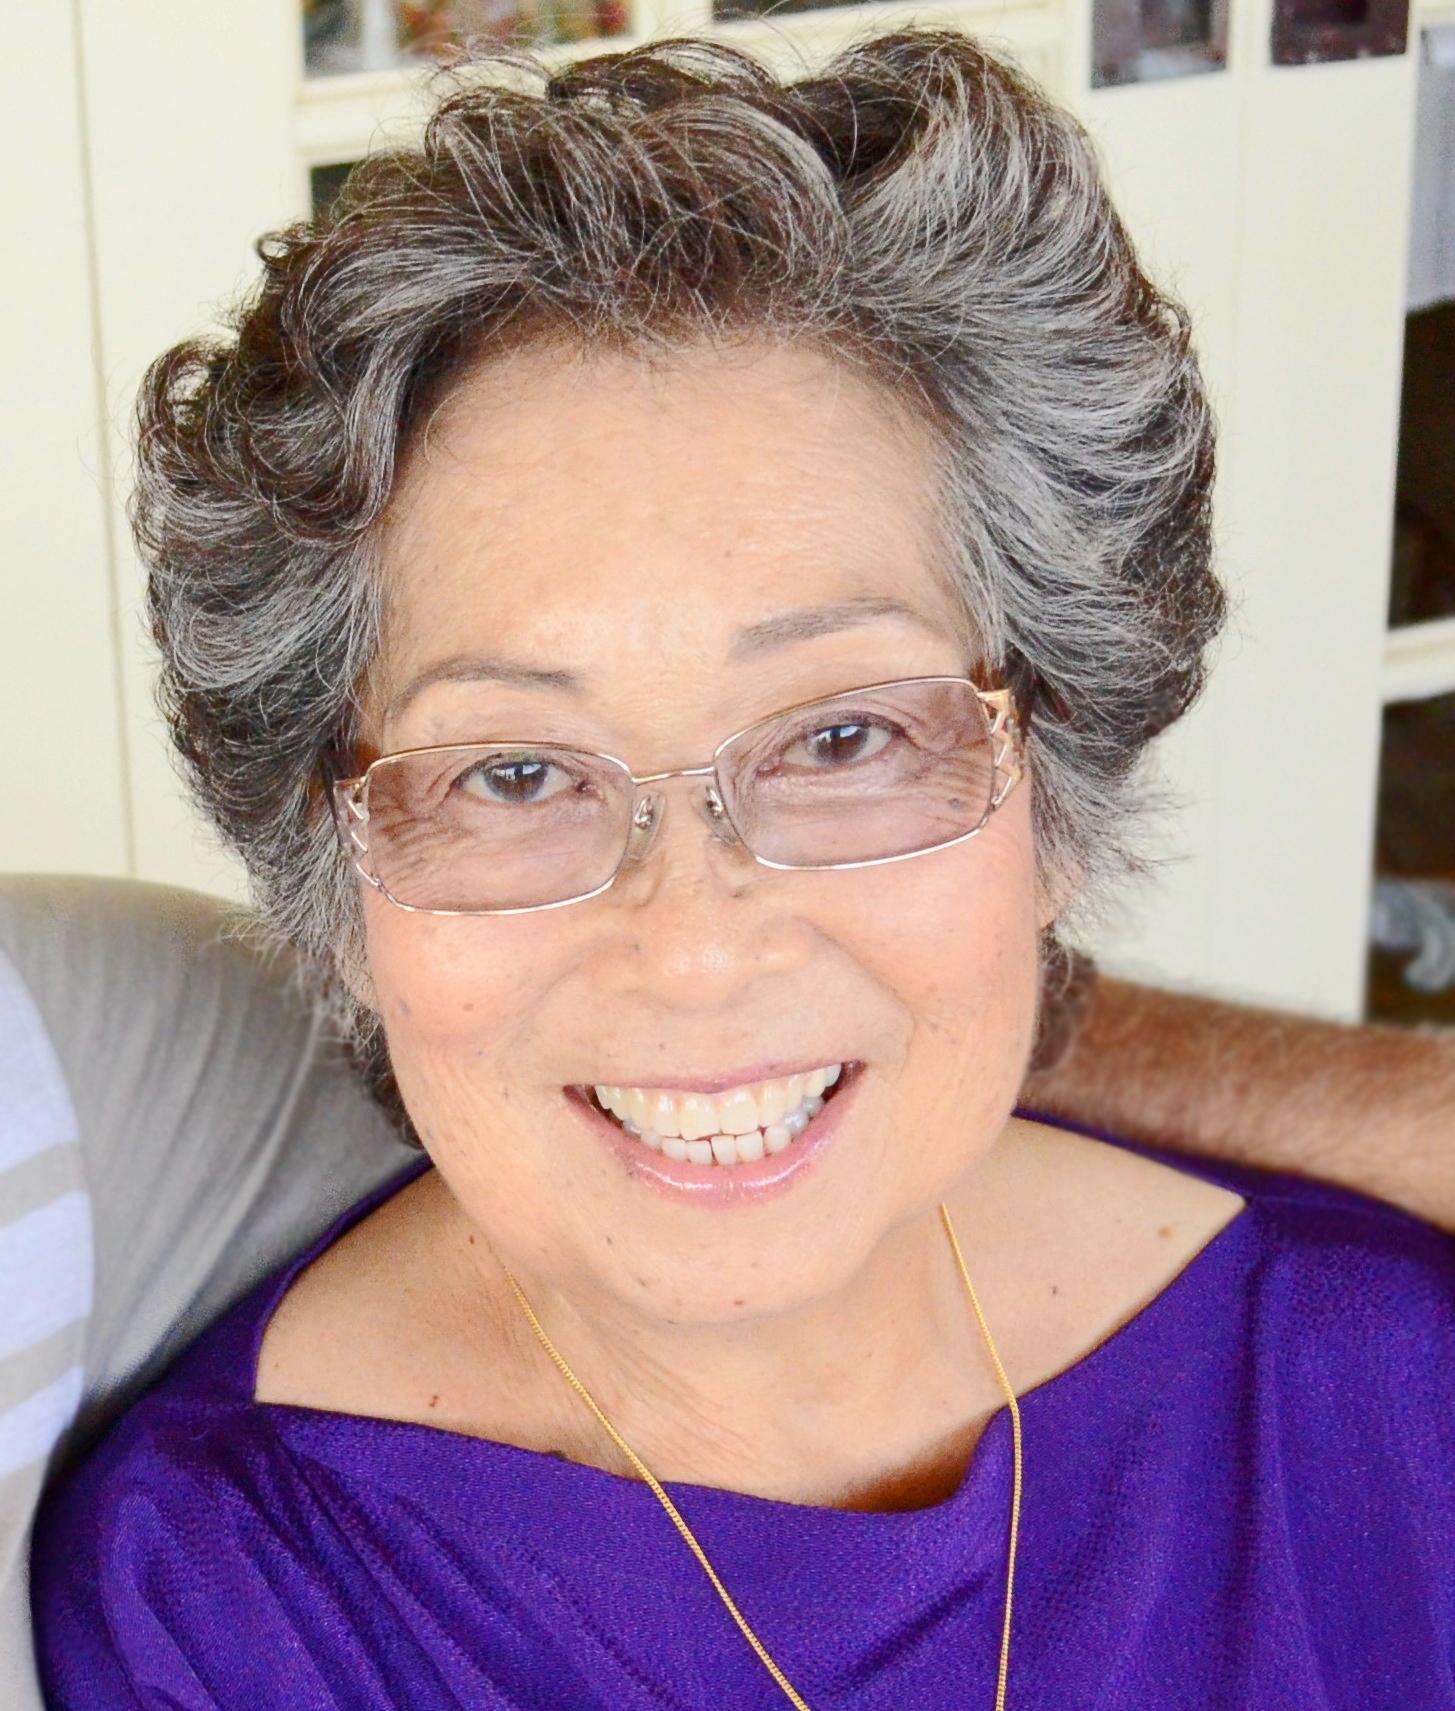 PAULA JOY TERUKO IGAWA